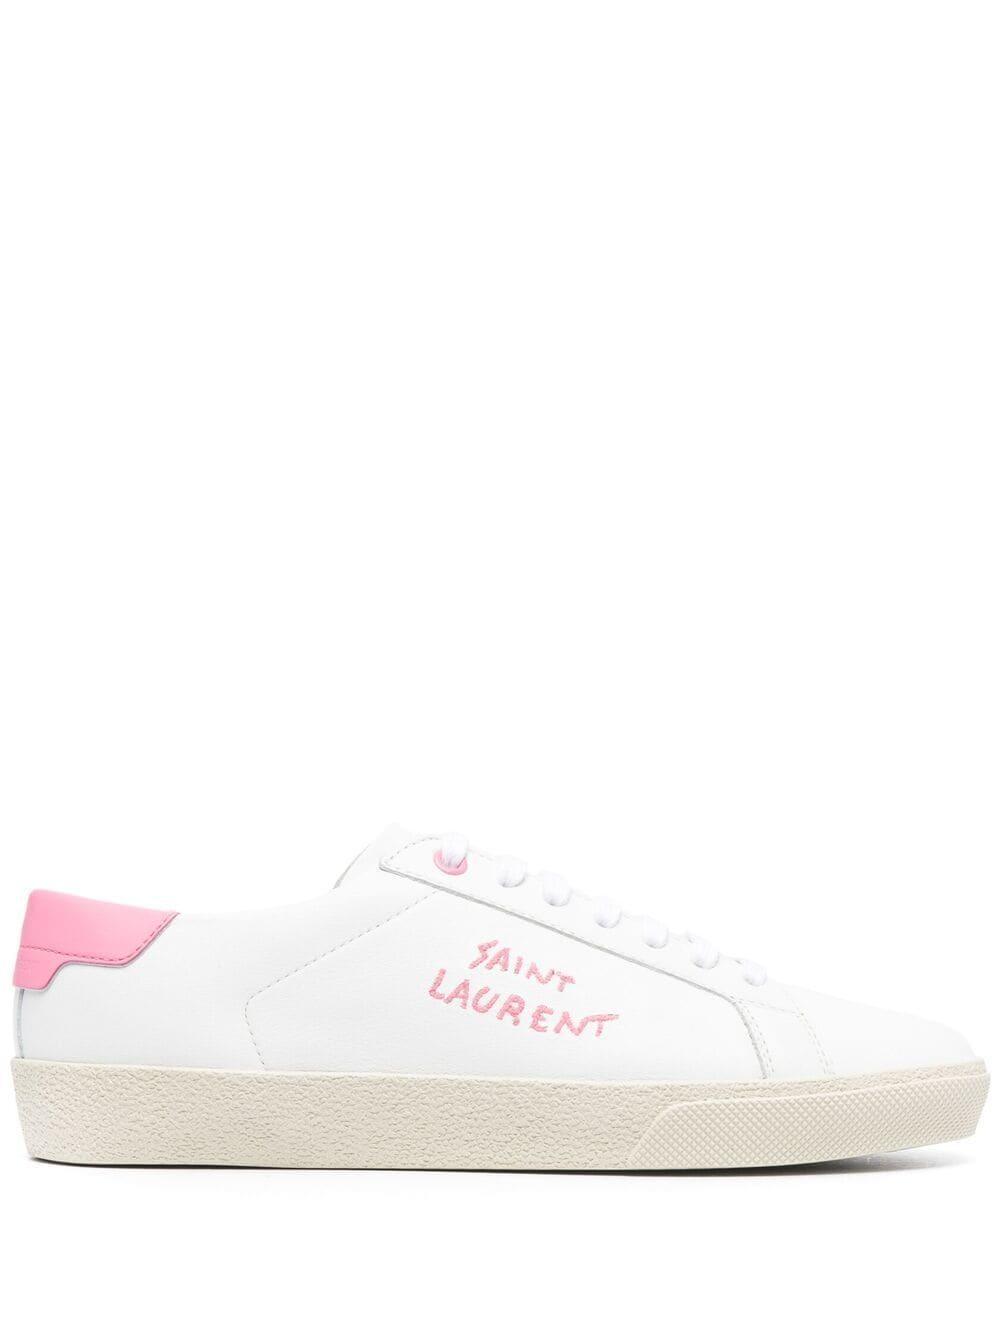 Signature Sneaker Item # 61064900NI0